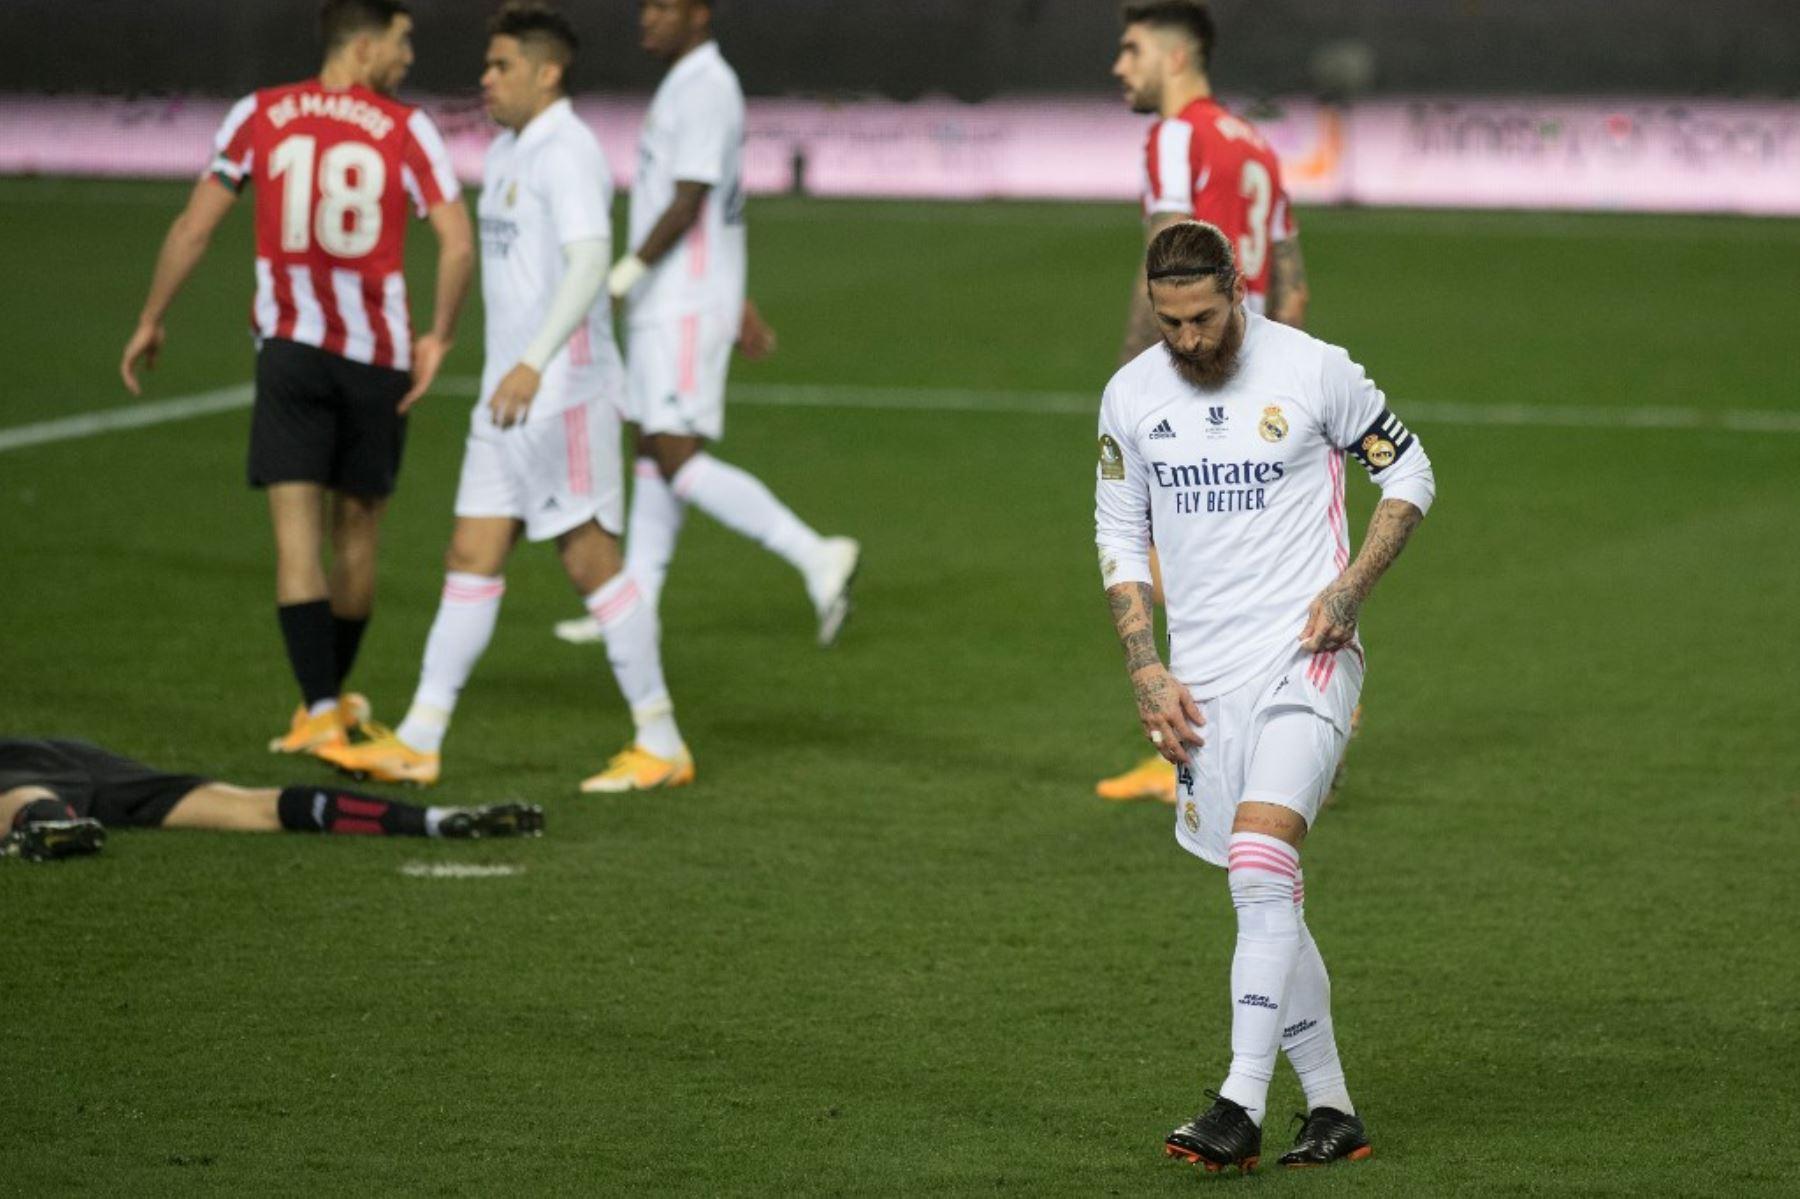 El defensa español del Real Madrid Sergio Ramos reacciona durante la semifinal de la Supercopa de España entre el Real Madrid y el Athletic Club de Bilbao en el estadio La Rosaleda de Málaga. Foto: AFP